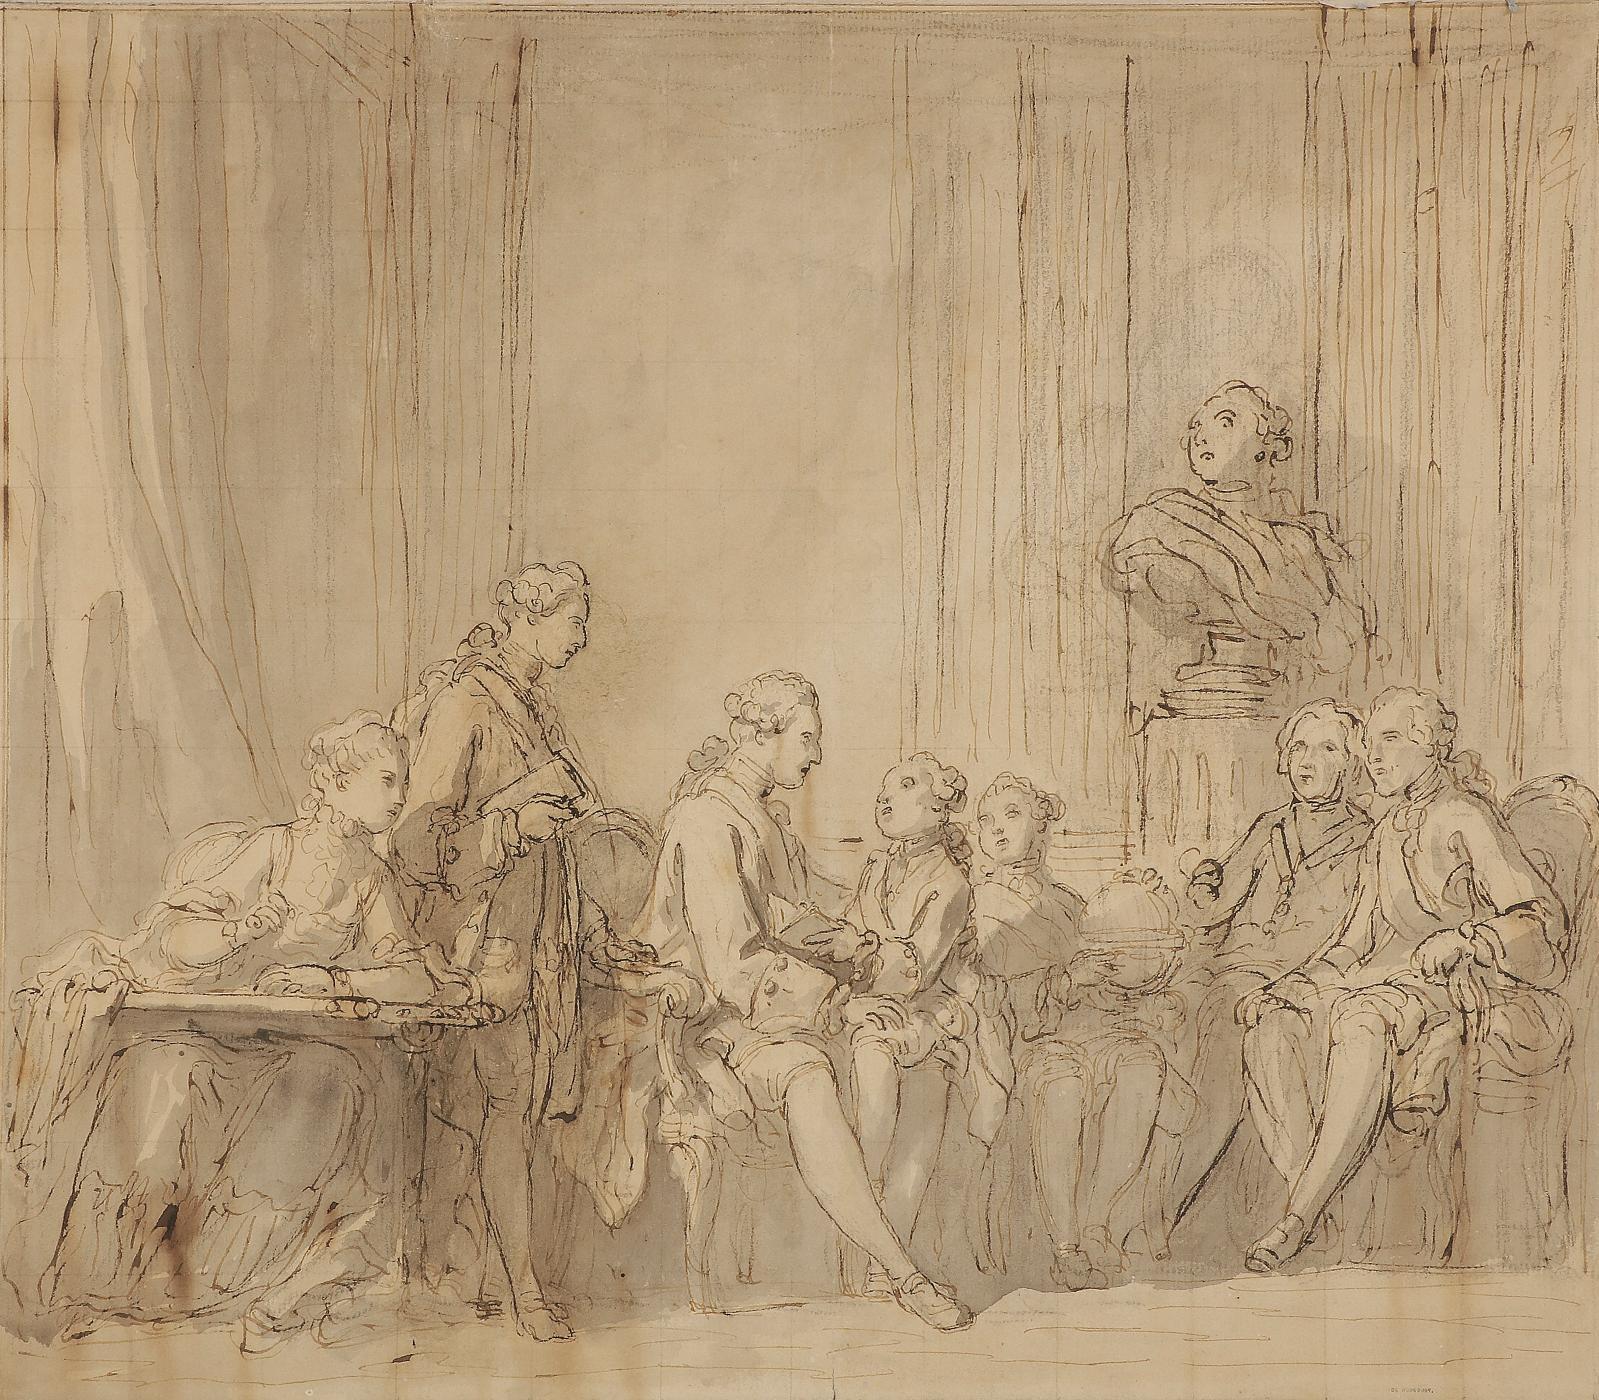 Charles Monnet (1732-1816), Le Dauphin, fils de LouisXV, instruisant ses enfants, plume et encre brune, lavis gris et crayon noir, mise au carreau, 3